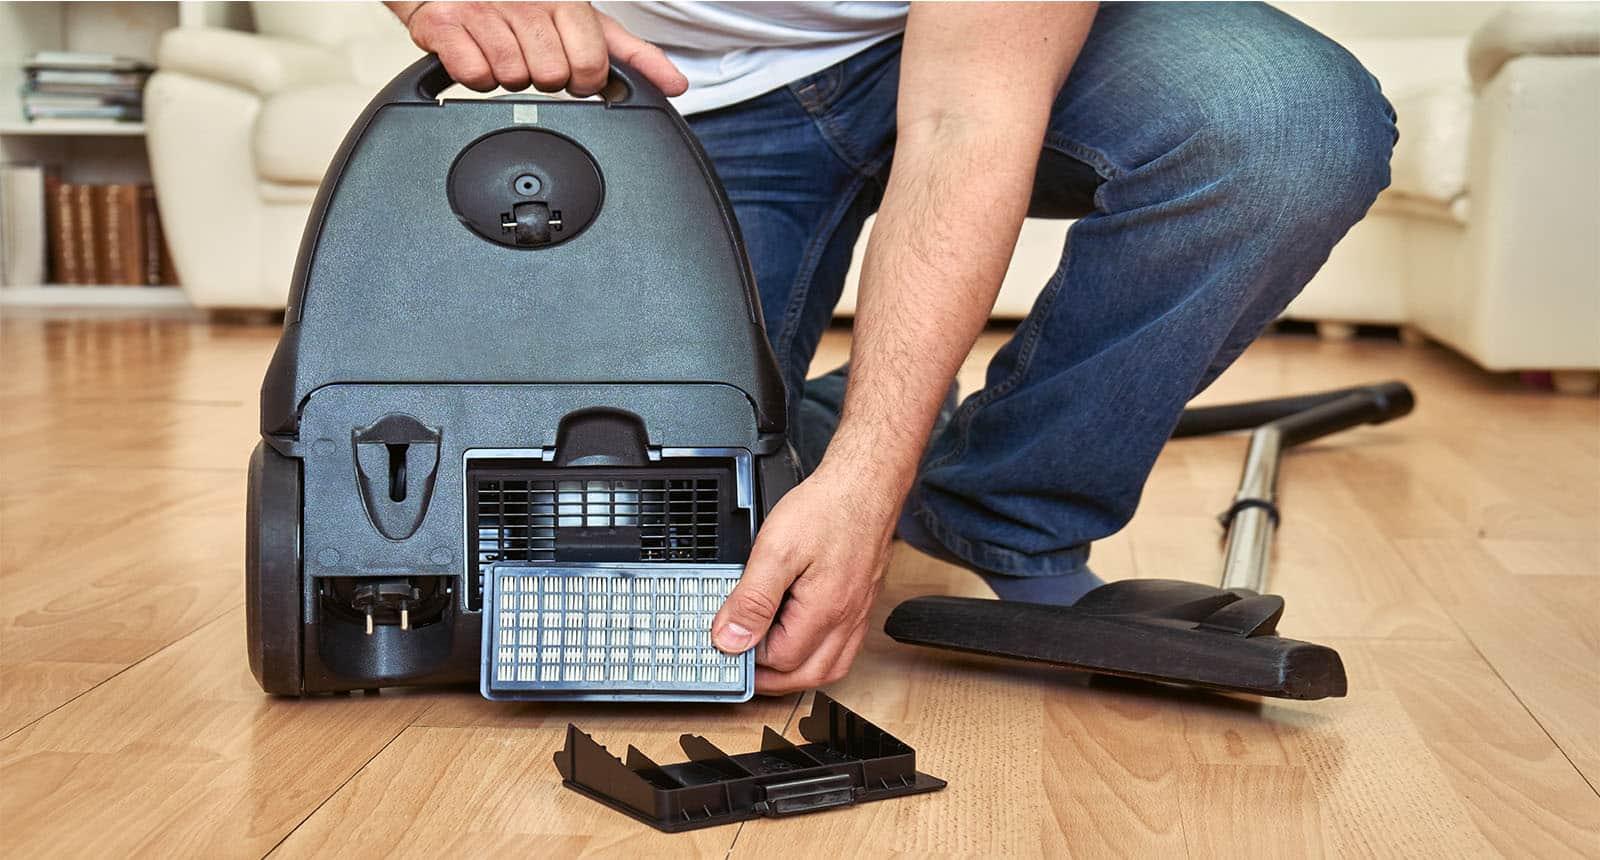 Replacing Air Filter Vacuum-cleaner